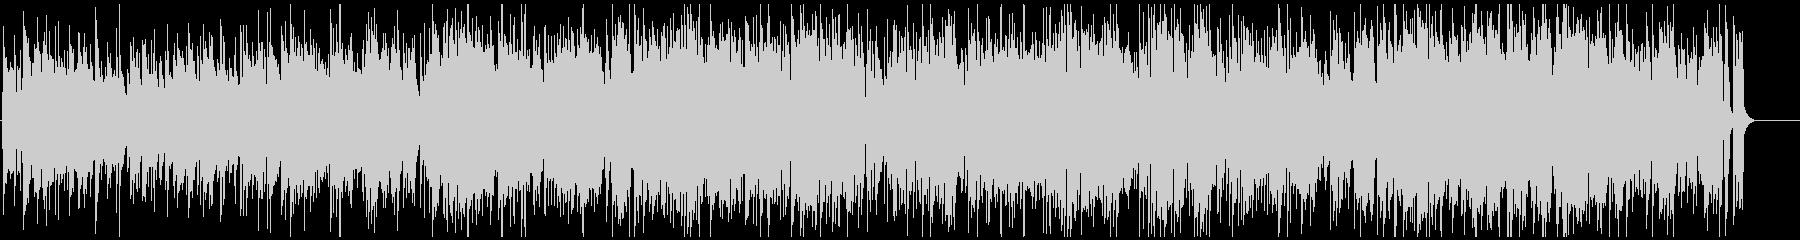 ほっこりボサノバ サックス&フルート生録の未再生の波形